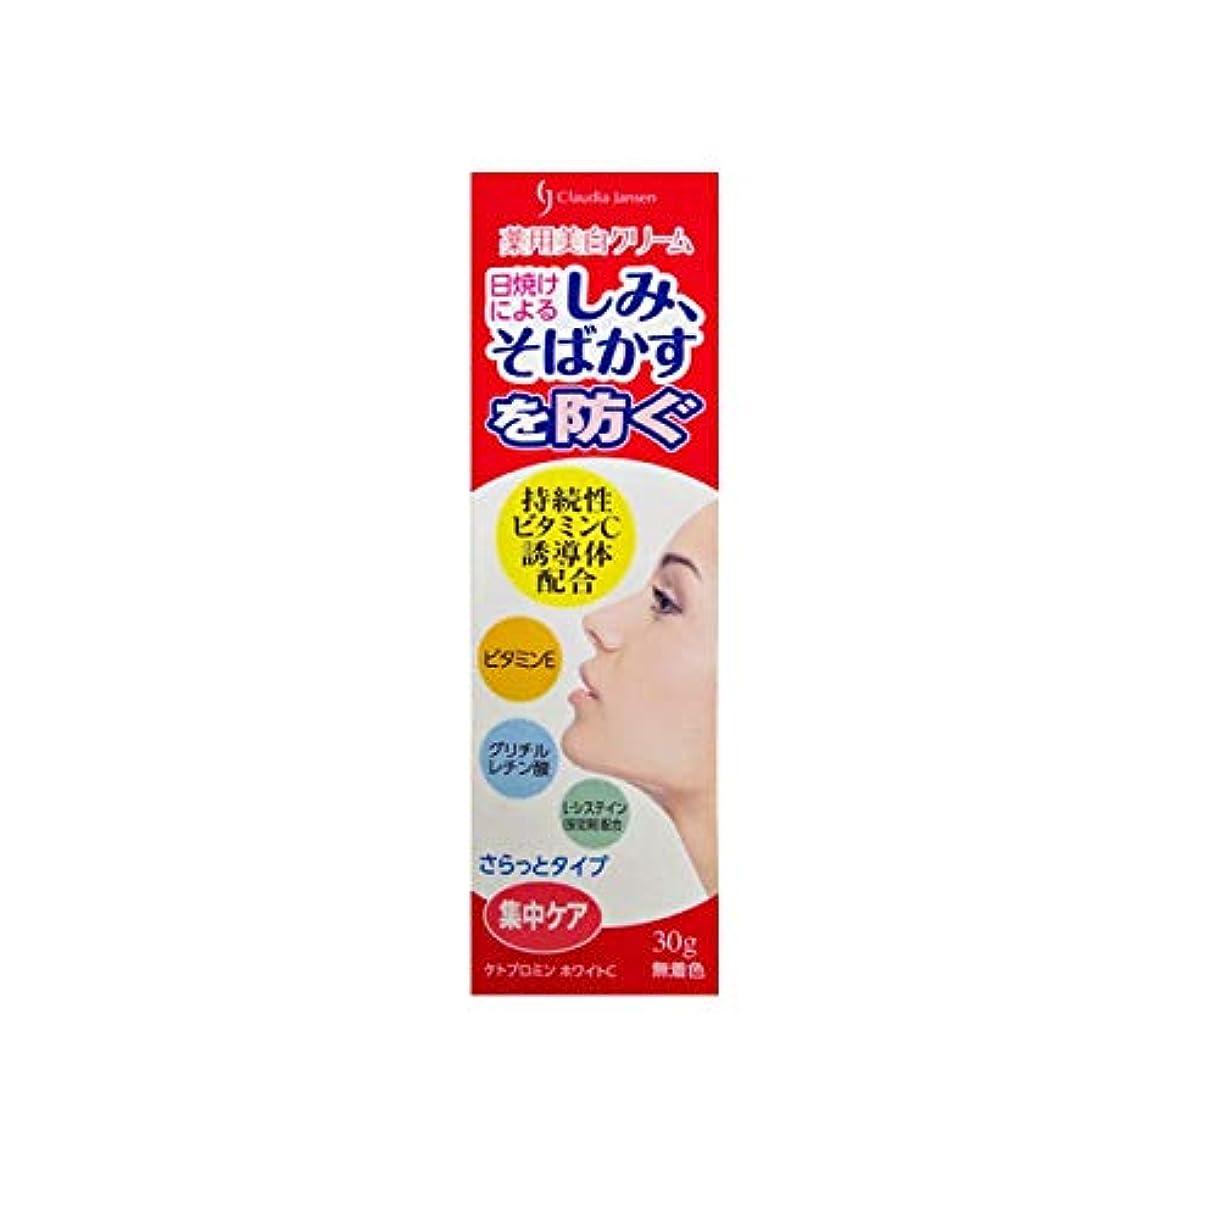 カウントアップ噴水伝染病三友薬品 医薬部外品 薬用ホワイトニングクリームC 30g